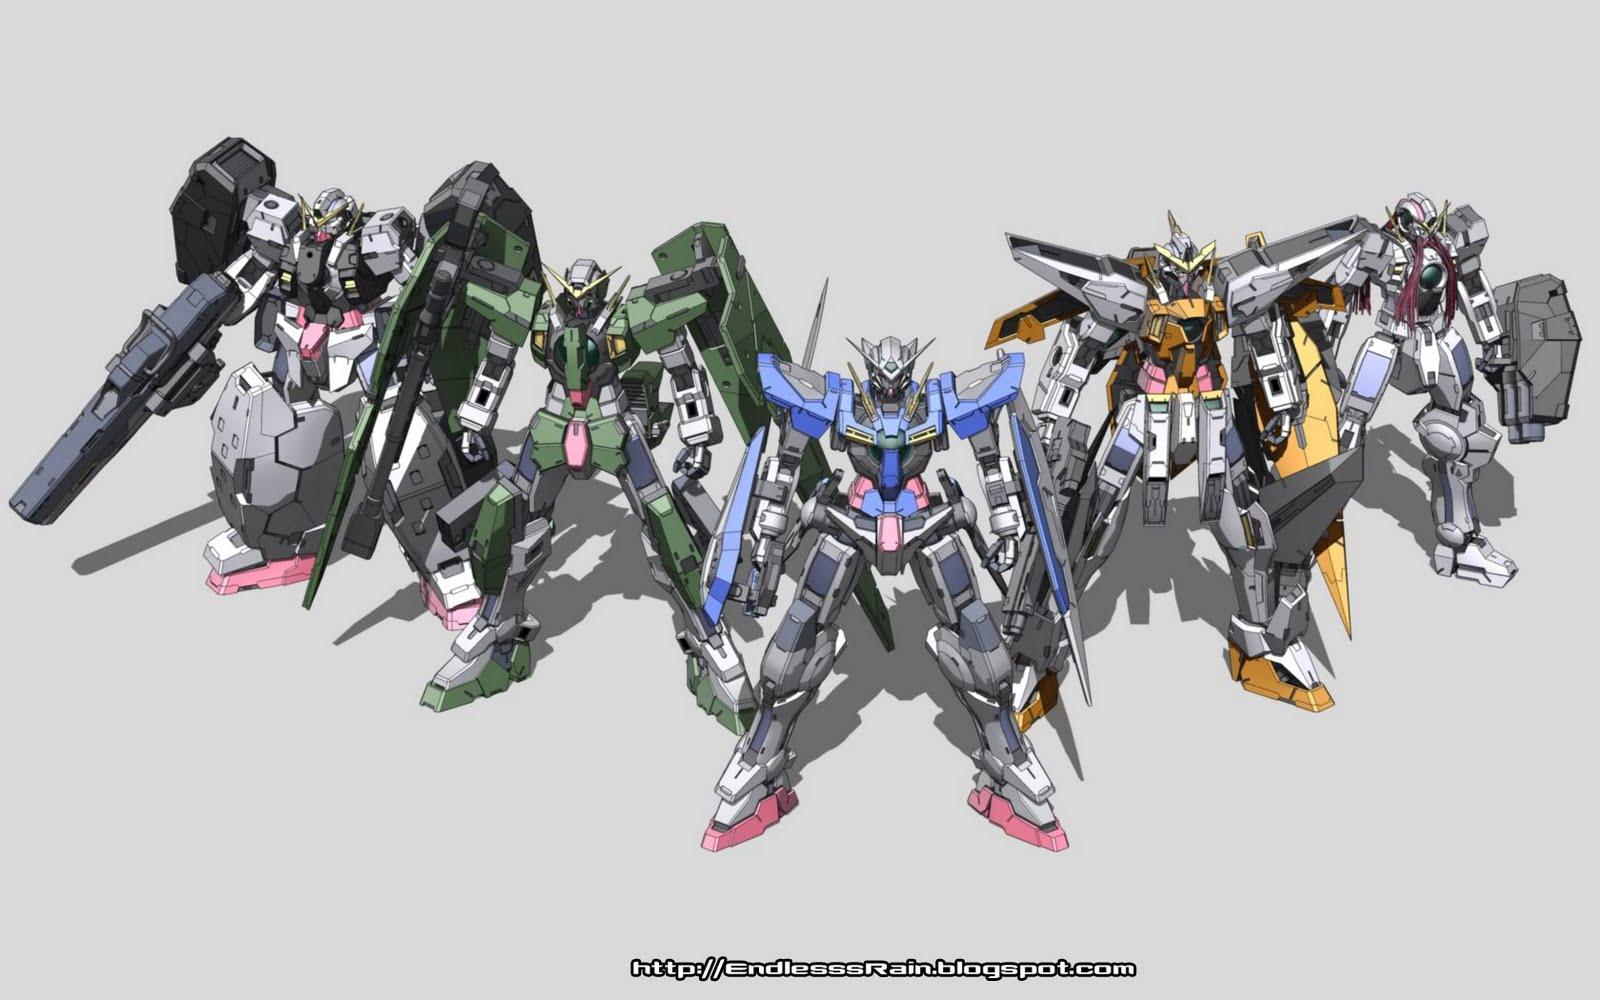 wallpaper: Wallpaper De Gundam 00